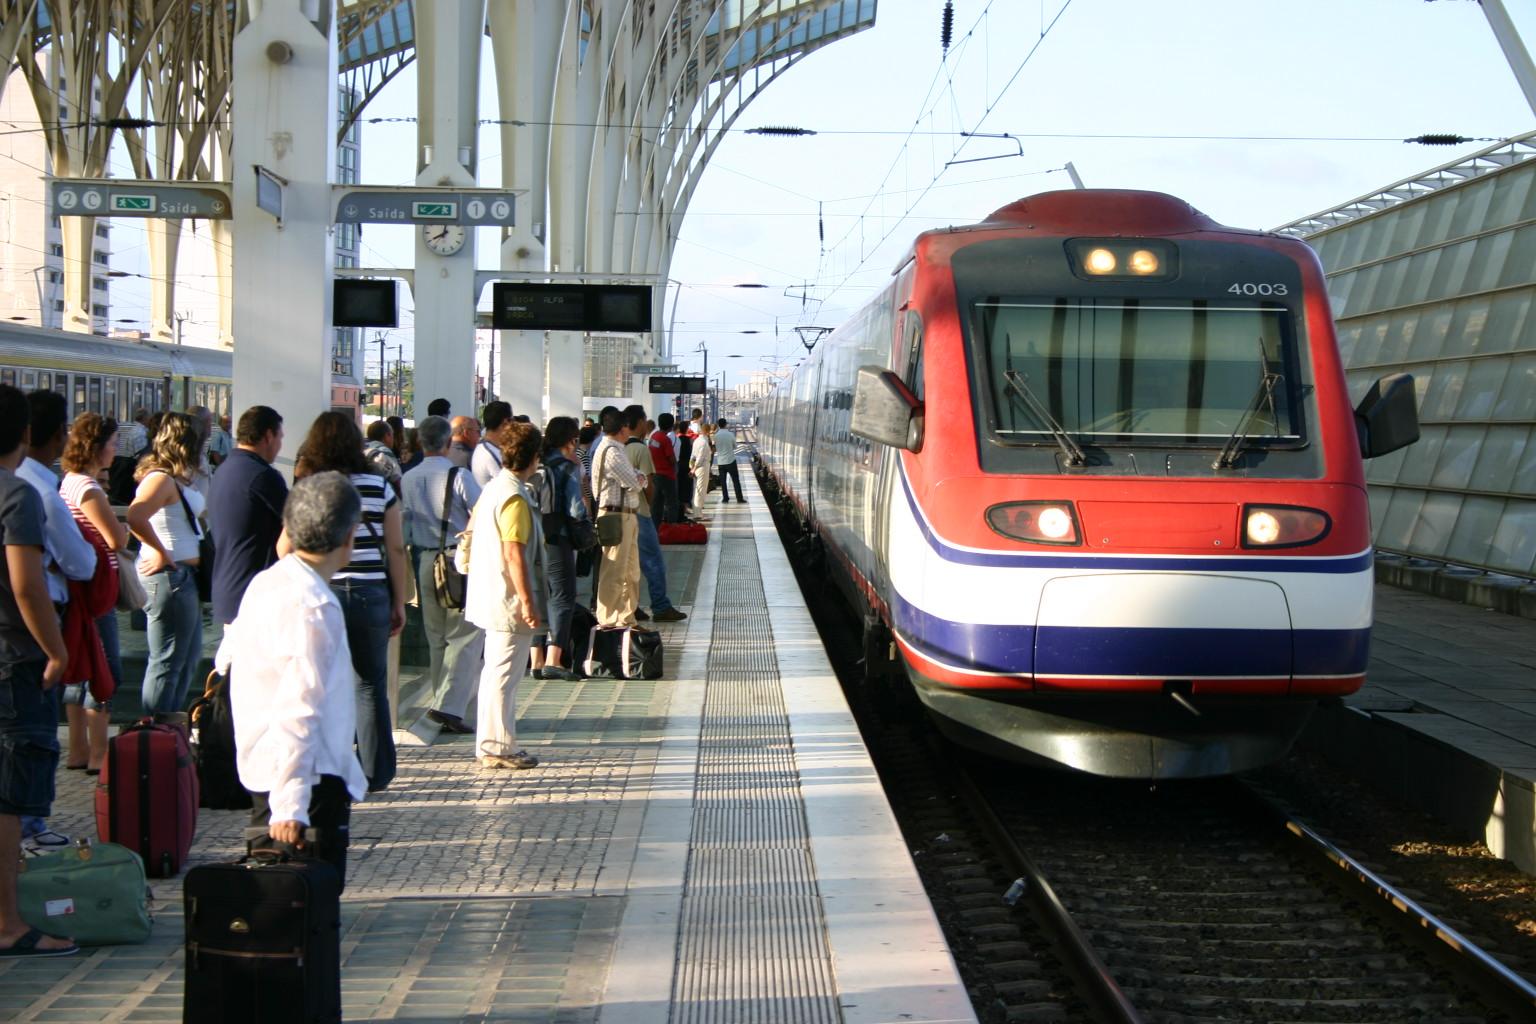 Пассажирские перевозки по железной дороге пассажирские перевозки кривой рог санкт петербург